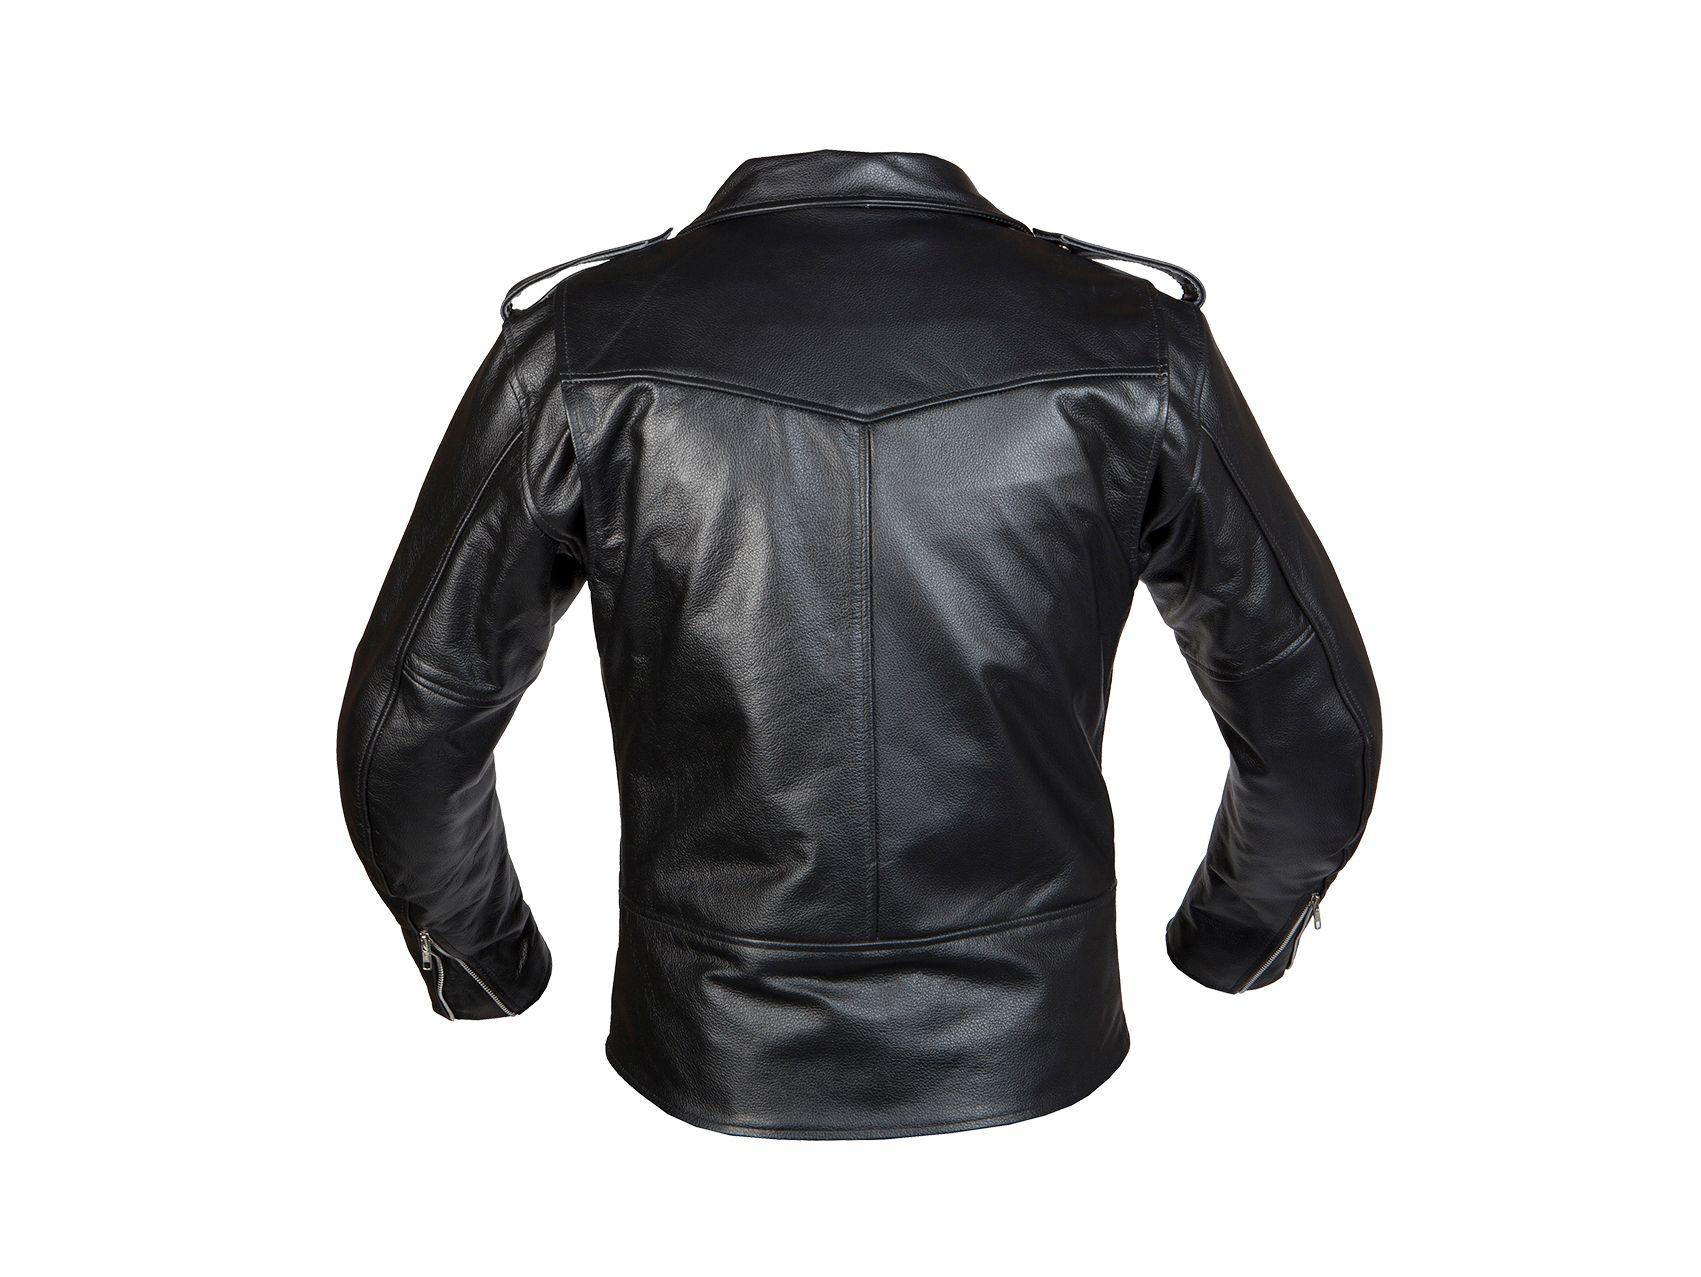 Kurtka motocyklowa skórzana Ozone Ramones r. L 7385535515